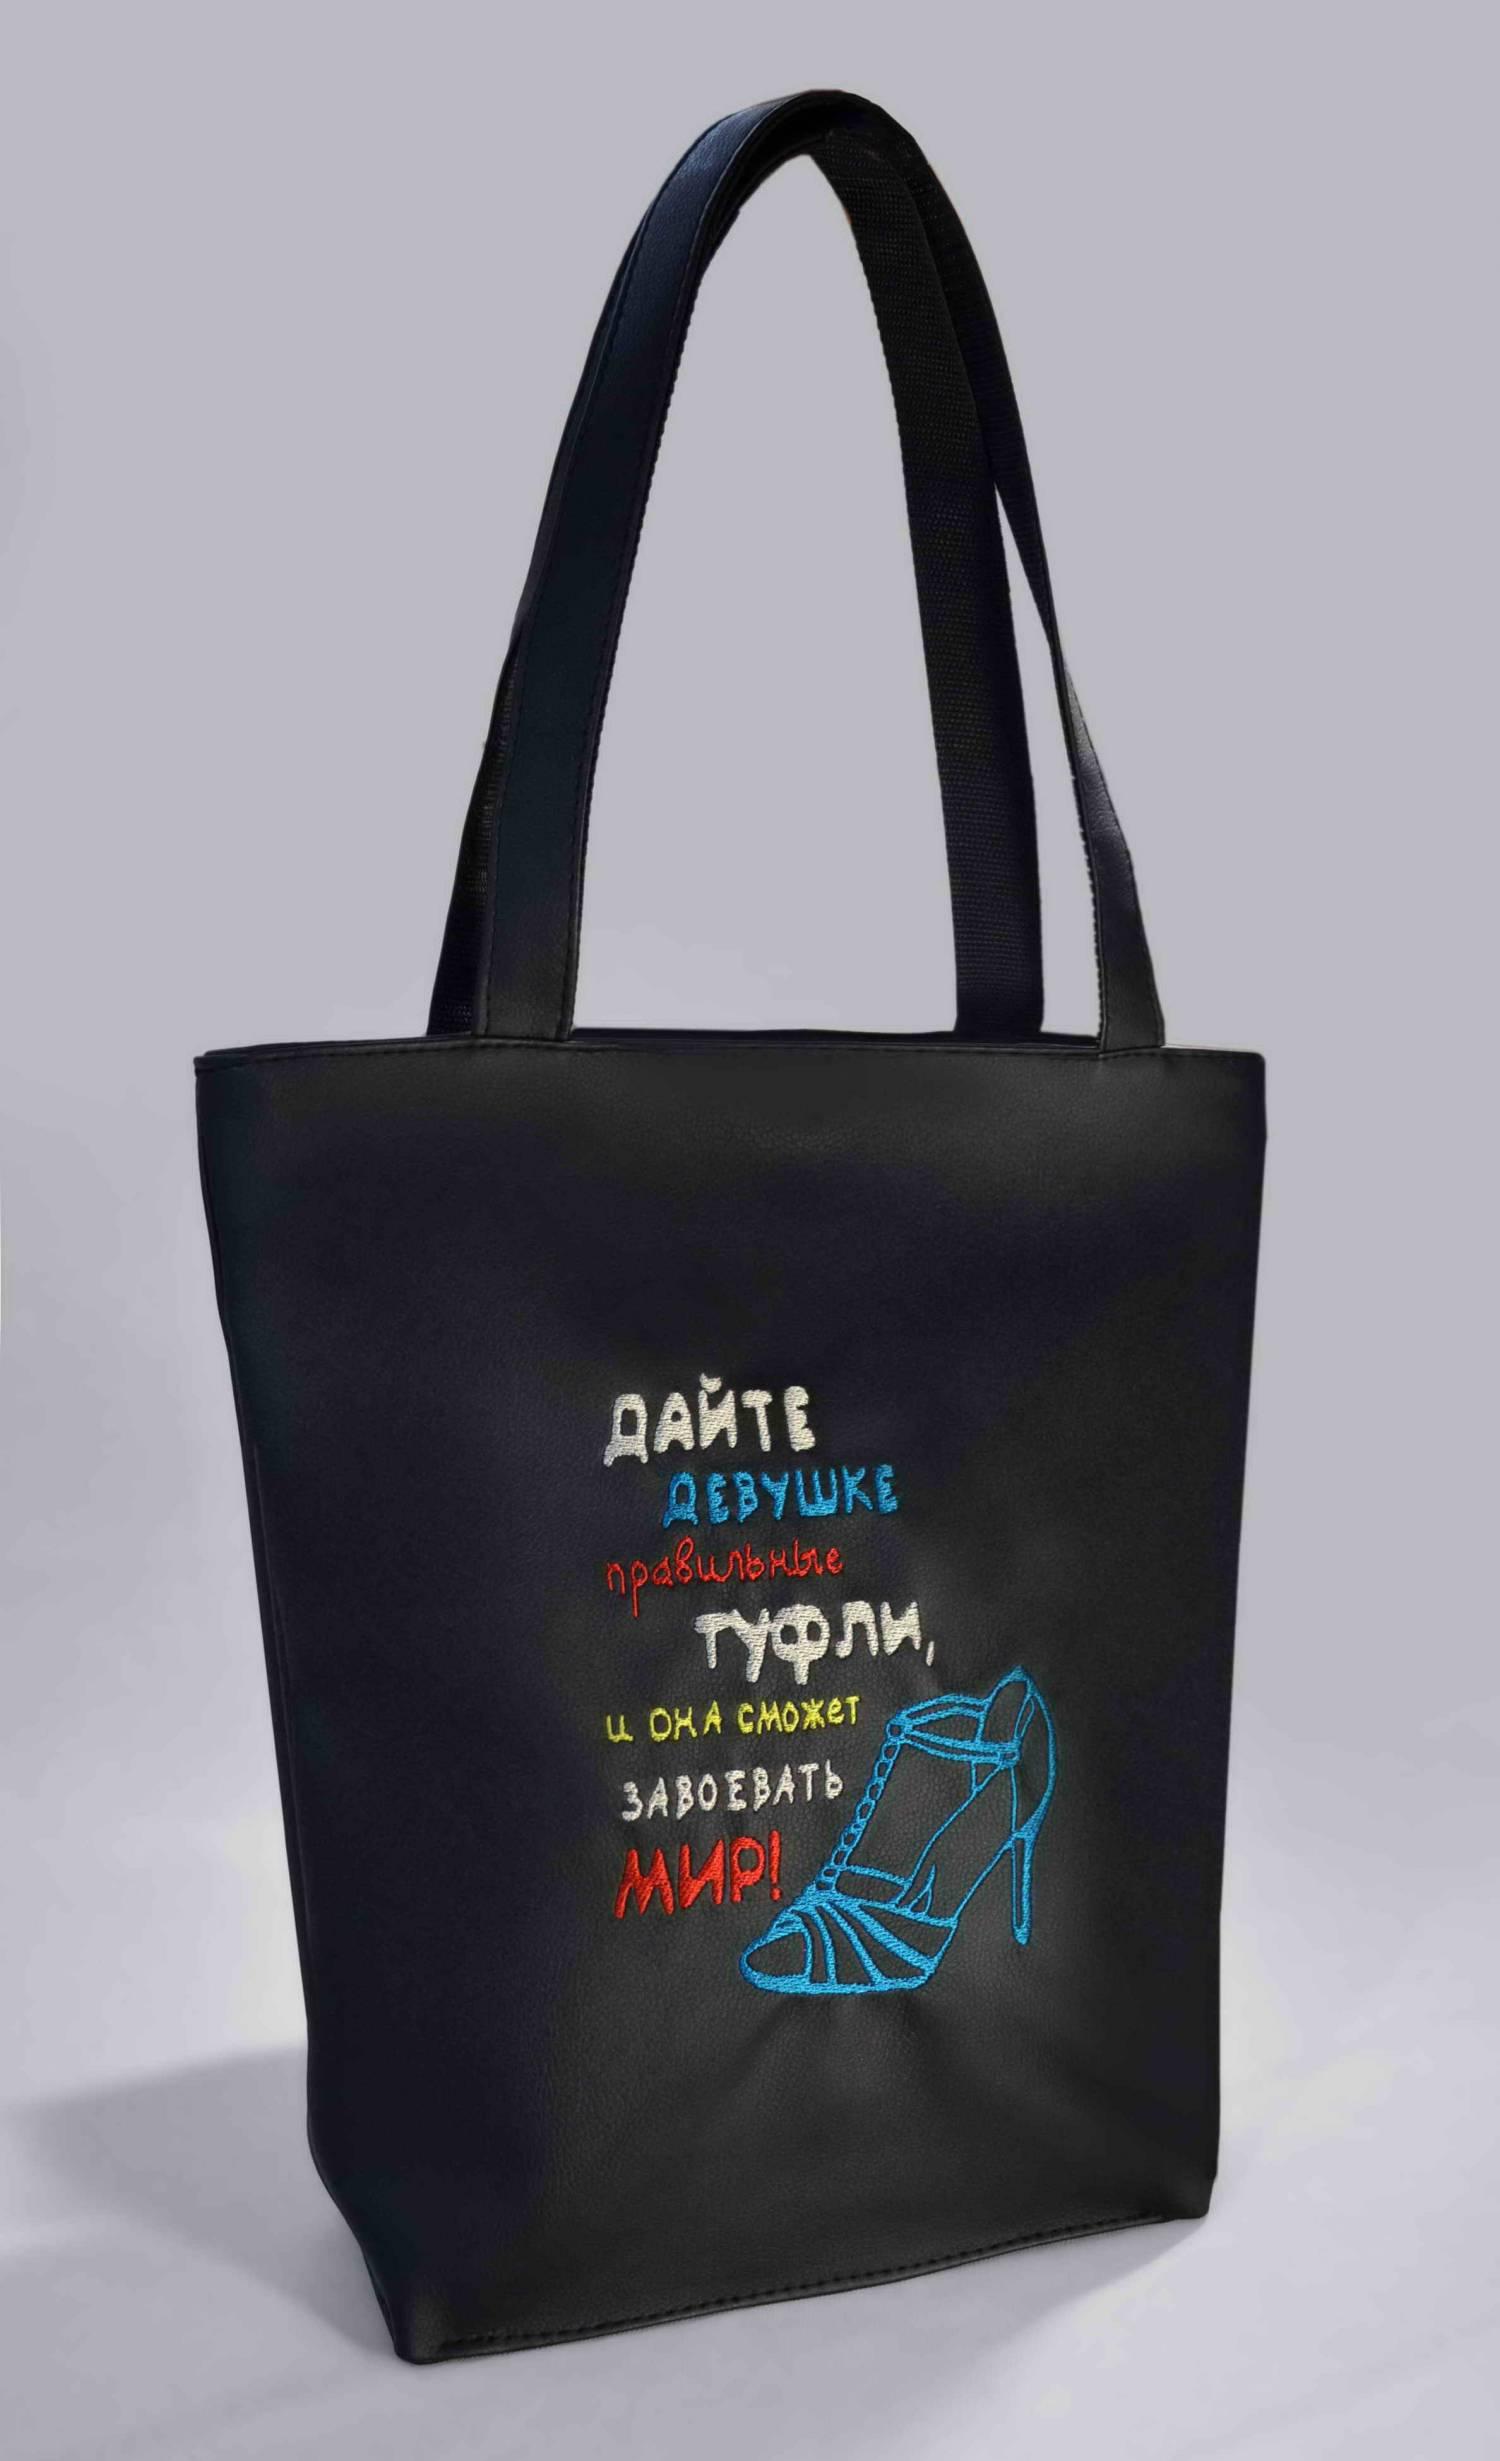 dae1b96fe8a1 Сумка Shopper Bag №311, Завоевать МИР! - черная - 392 грн. - купить ...